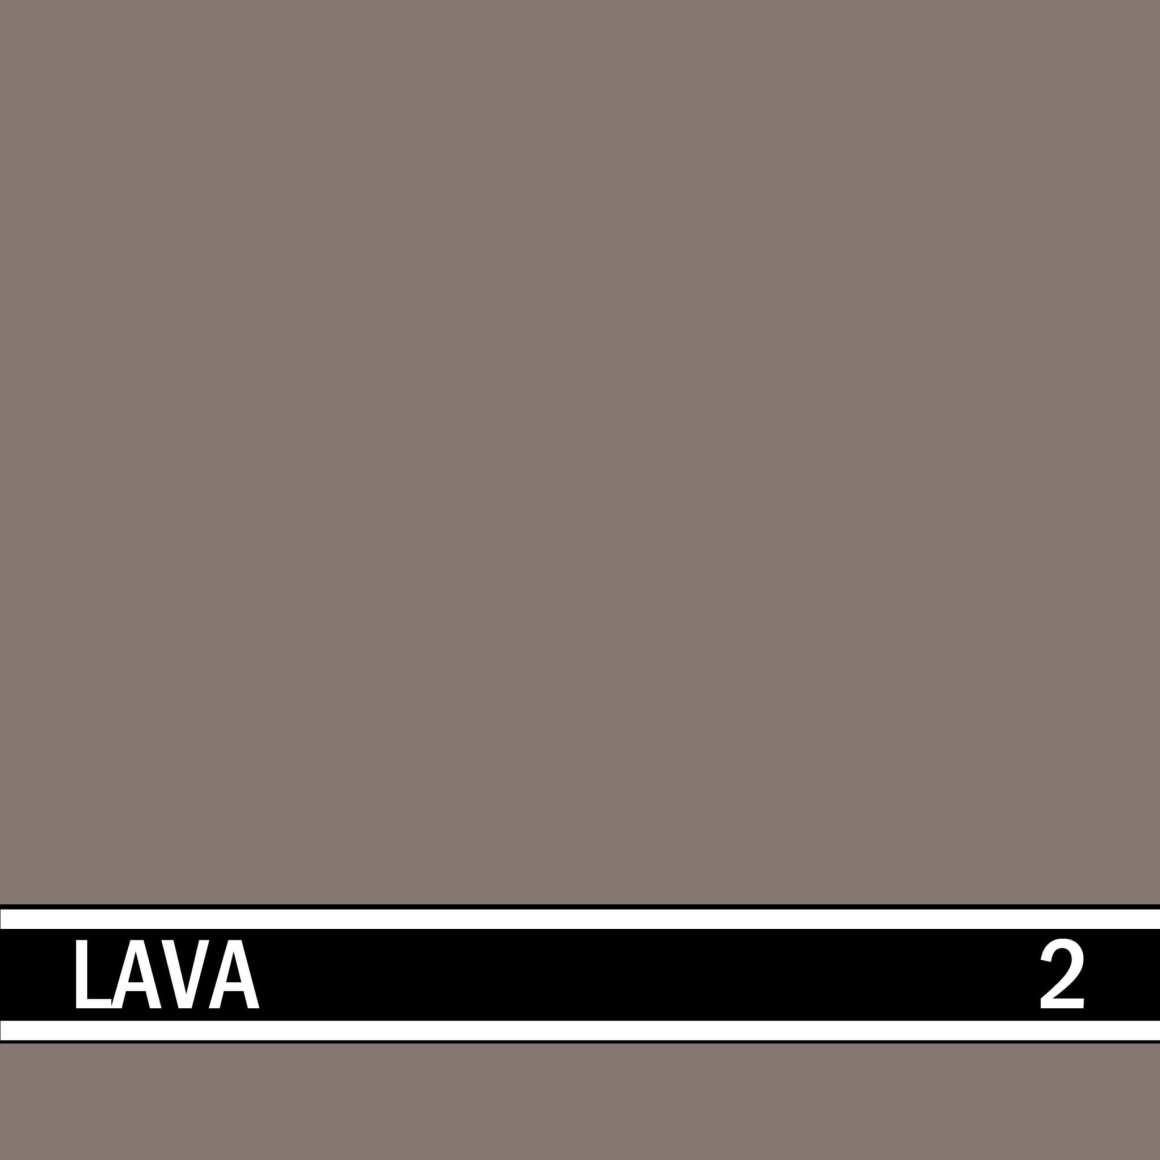 Lava integral concrete color for stamped concrete and decorative colored concrete